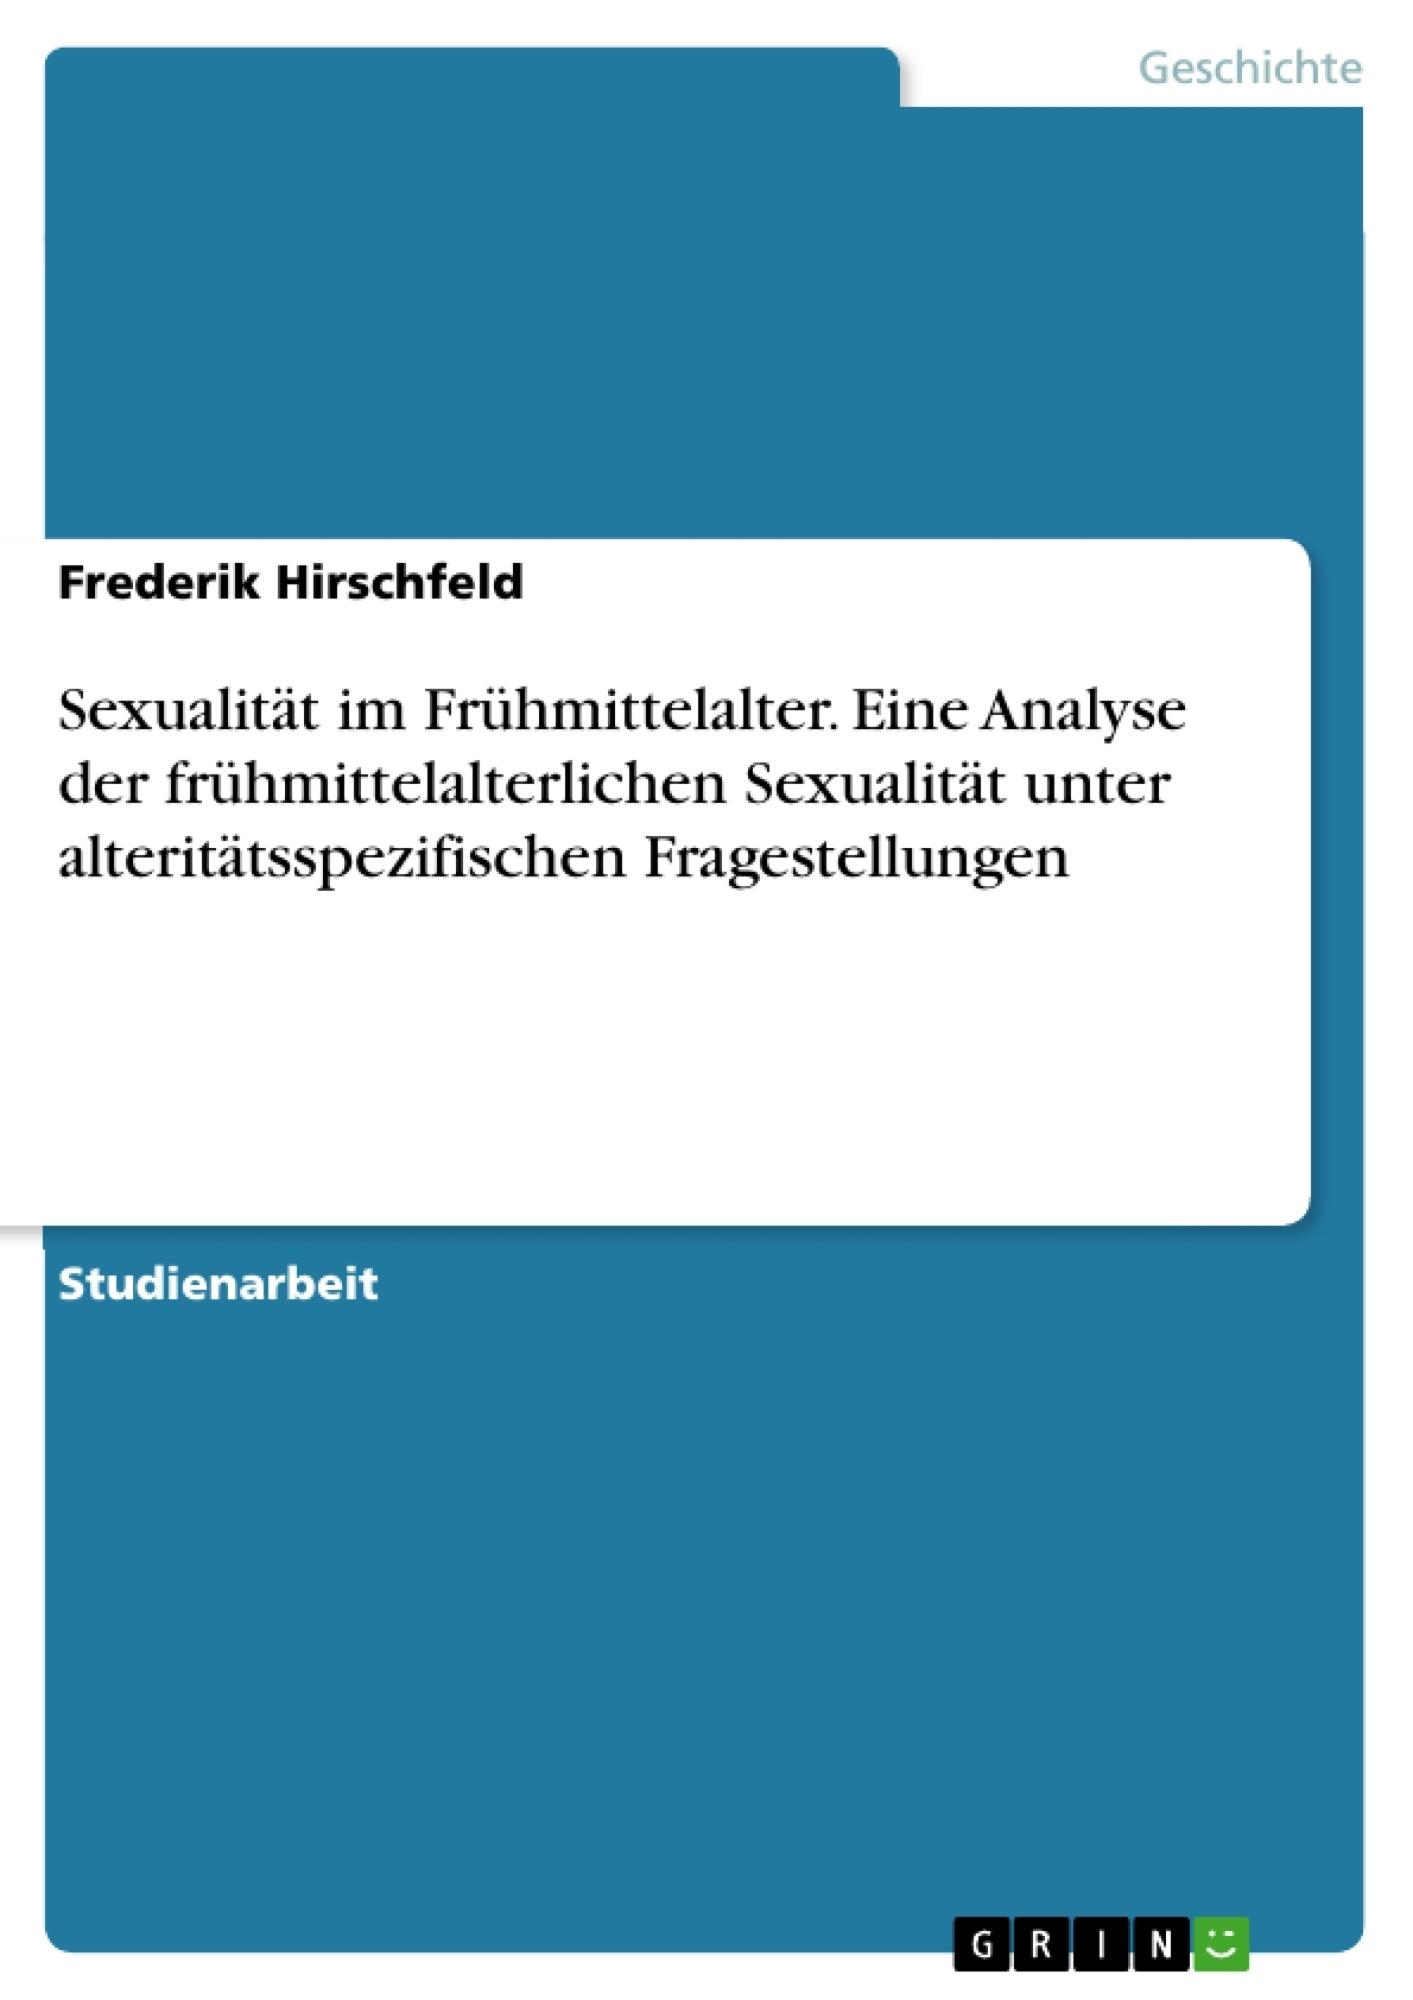 Titel: Sexualität im Frühmittelalter. Eine Analyse der frühmittelalterlichen Sexualität unter alteritätsspezifischen Fragestellungen